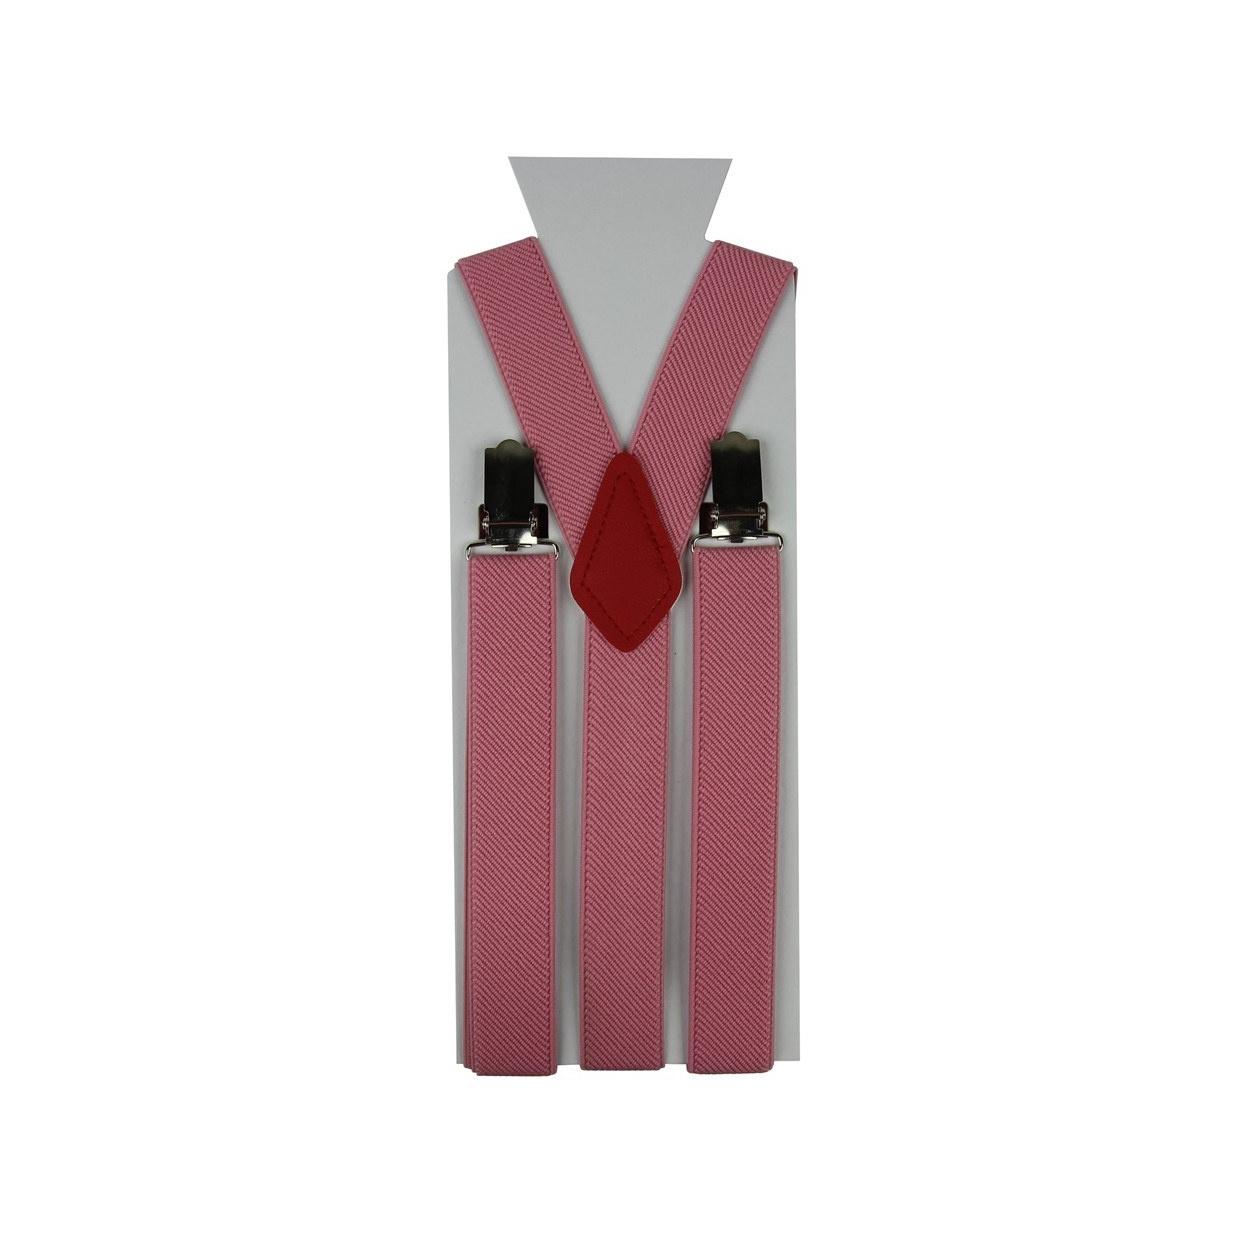 Moderní růžové pánské šle ve tvaru Y o délce 110 cm.